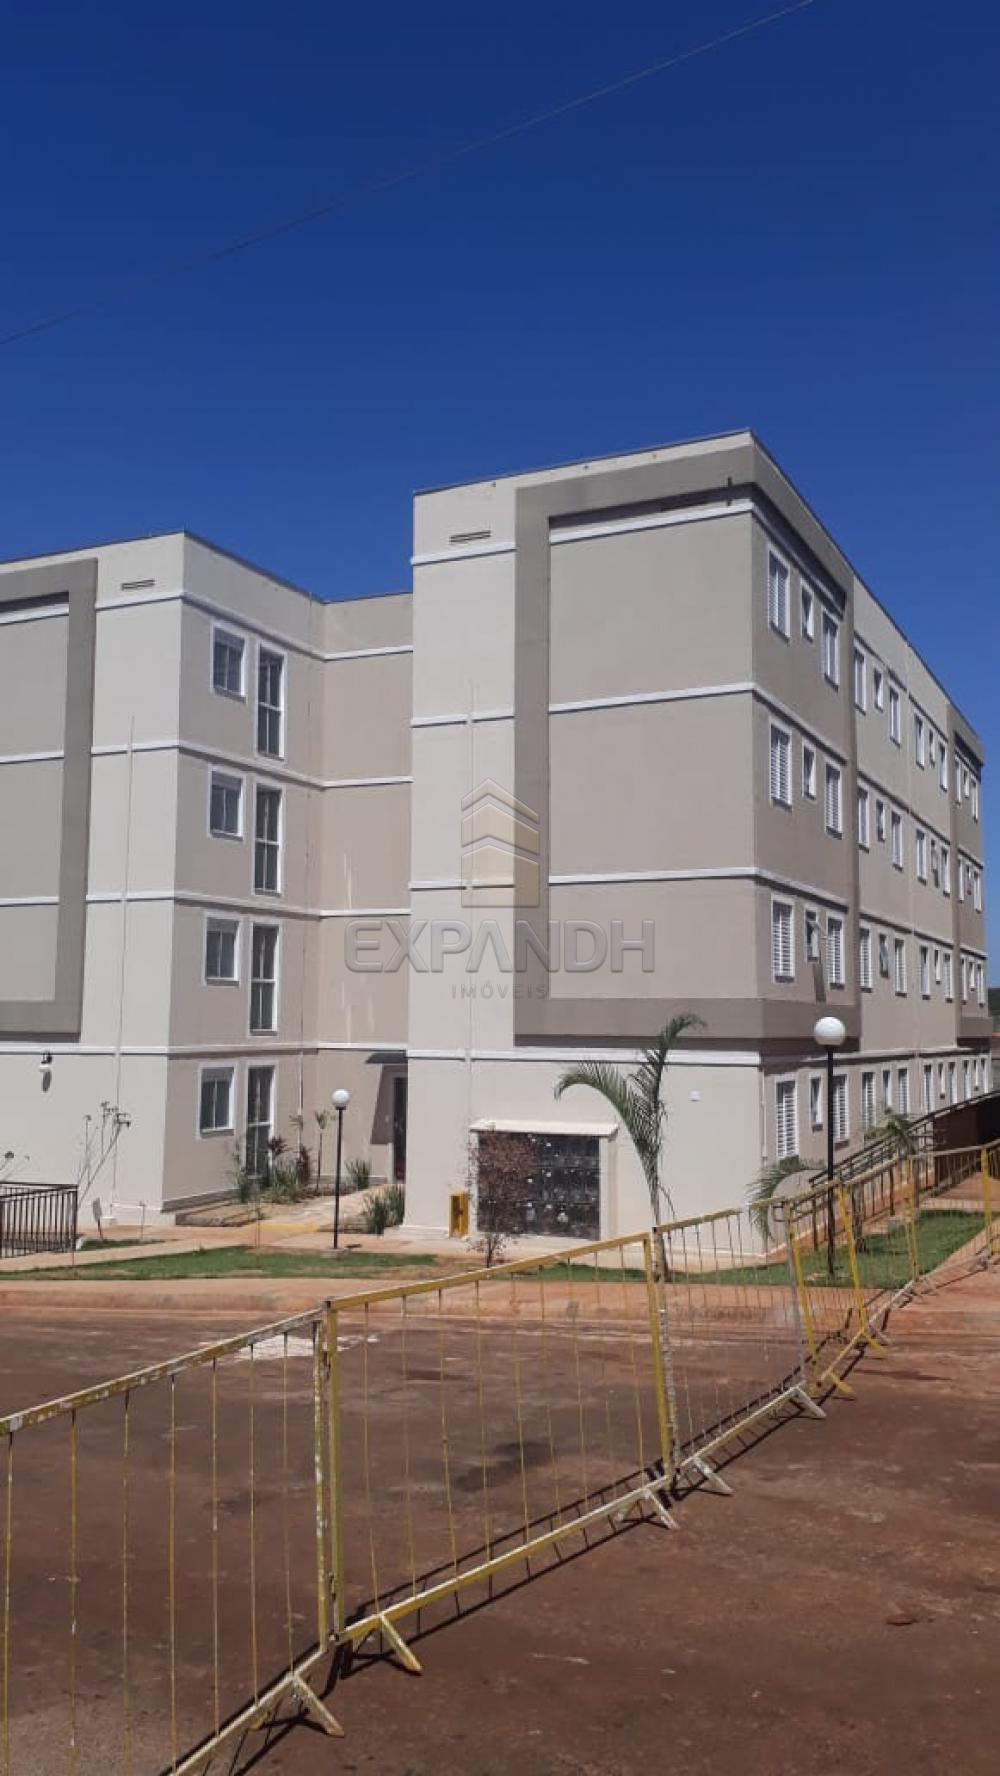 Comprar Apartamentos / Padrão em Sertãozinho apenas R$ 138.900,00 - Foto 10